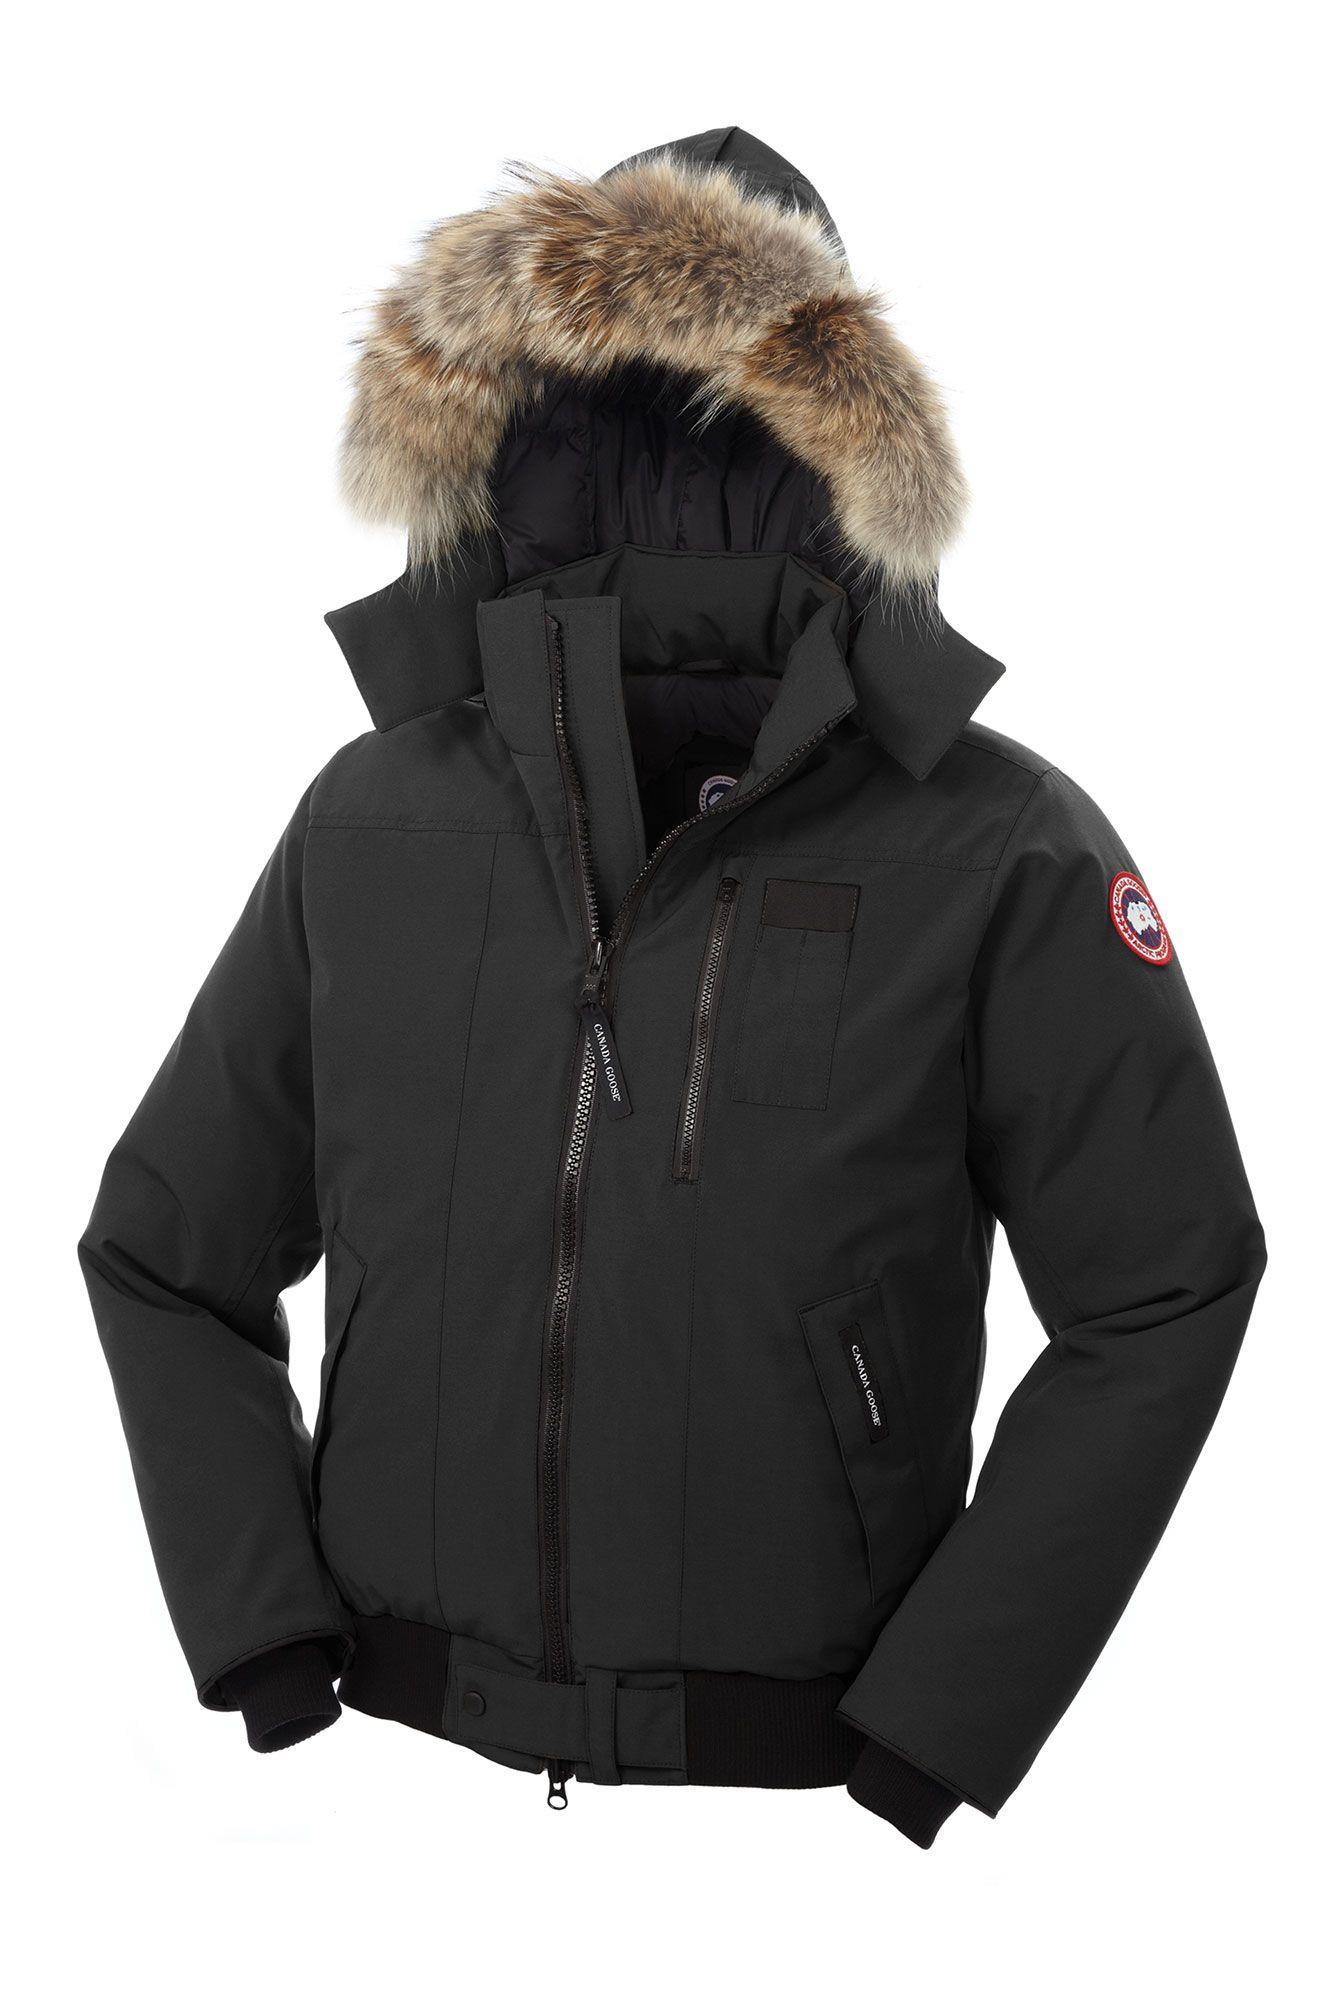 manteau d'hiver homme canada goose